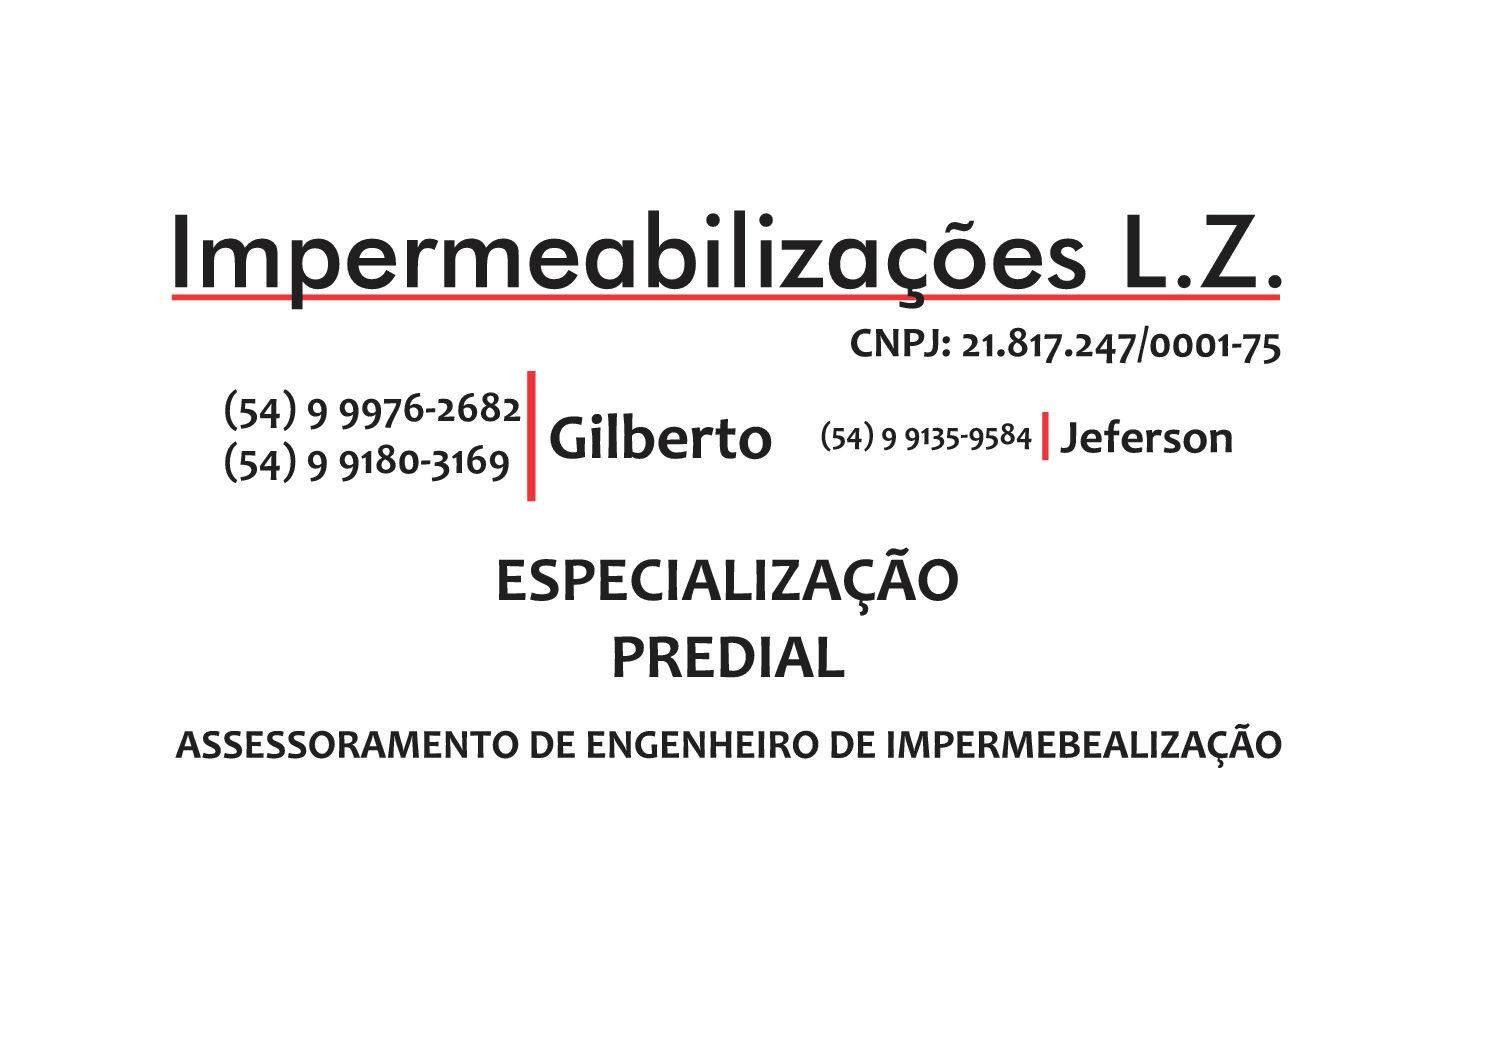 CAMISETAS PERSONALIZADAS PARA EMPRESA IMPERMEABILIZAÇÃO L.Z. DA CIDADE DE IBIRUBÁ/RS.